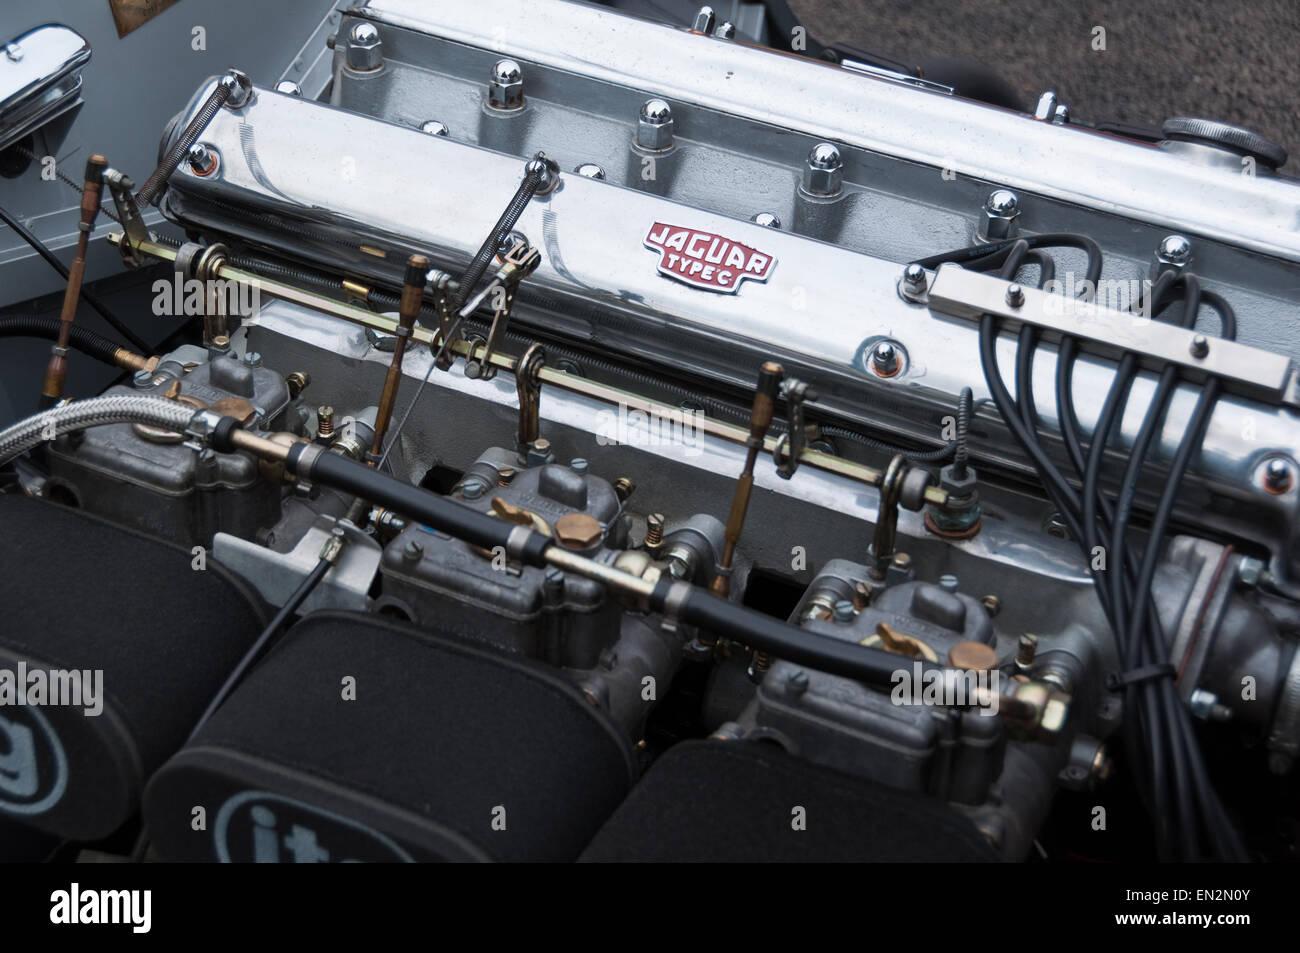 Jaguar Engine Stock Photos & Jaguar Engine Stock Images - Alamy